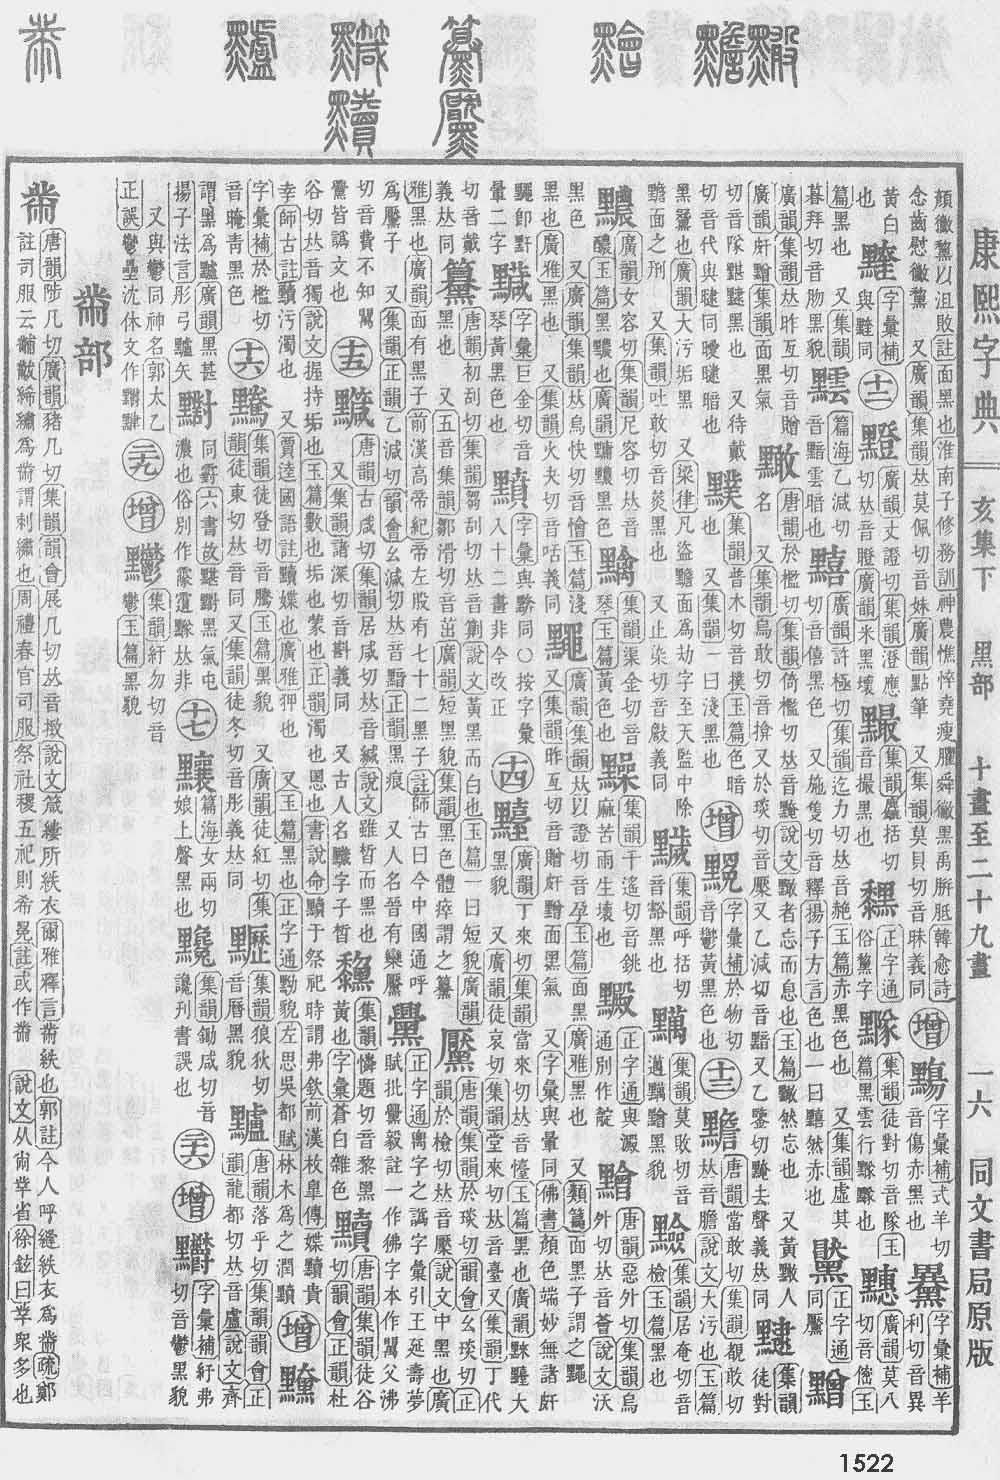 《康熙字典》第1522页